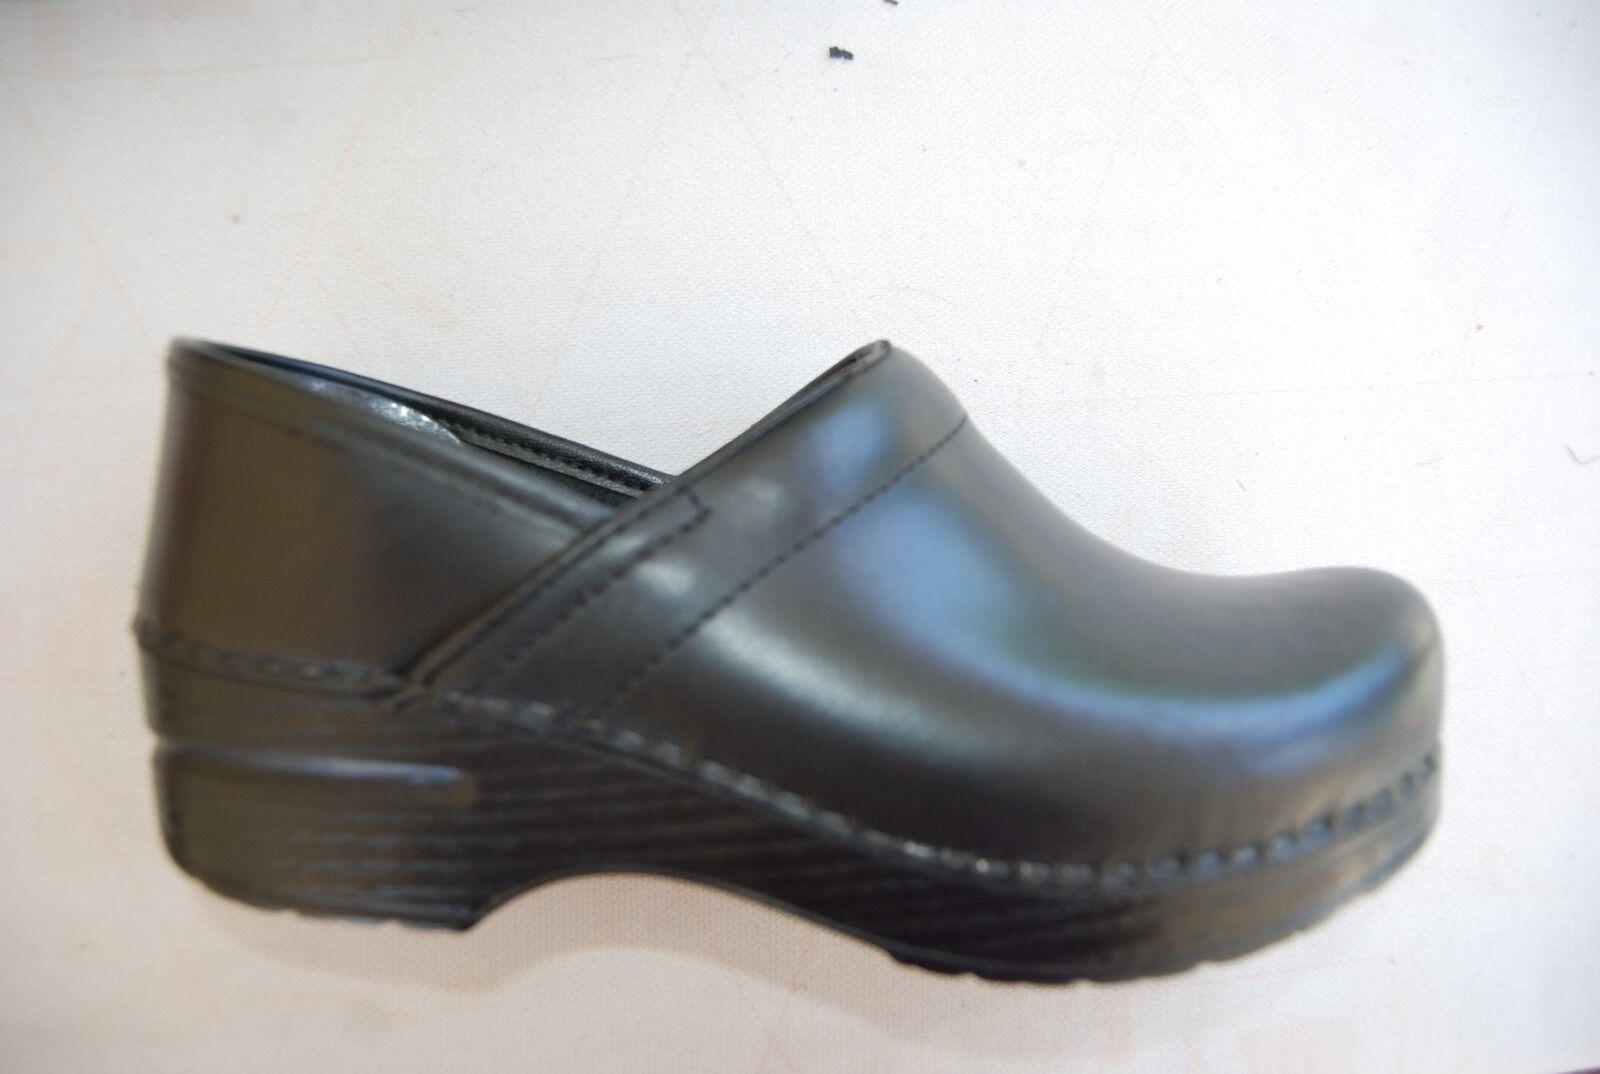 prezzo ragionevole nero Leather DANSKO Stapled CLogs CLogs CLogs EU 37 US 6.5 - 7  grande sconto